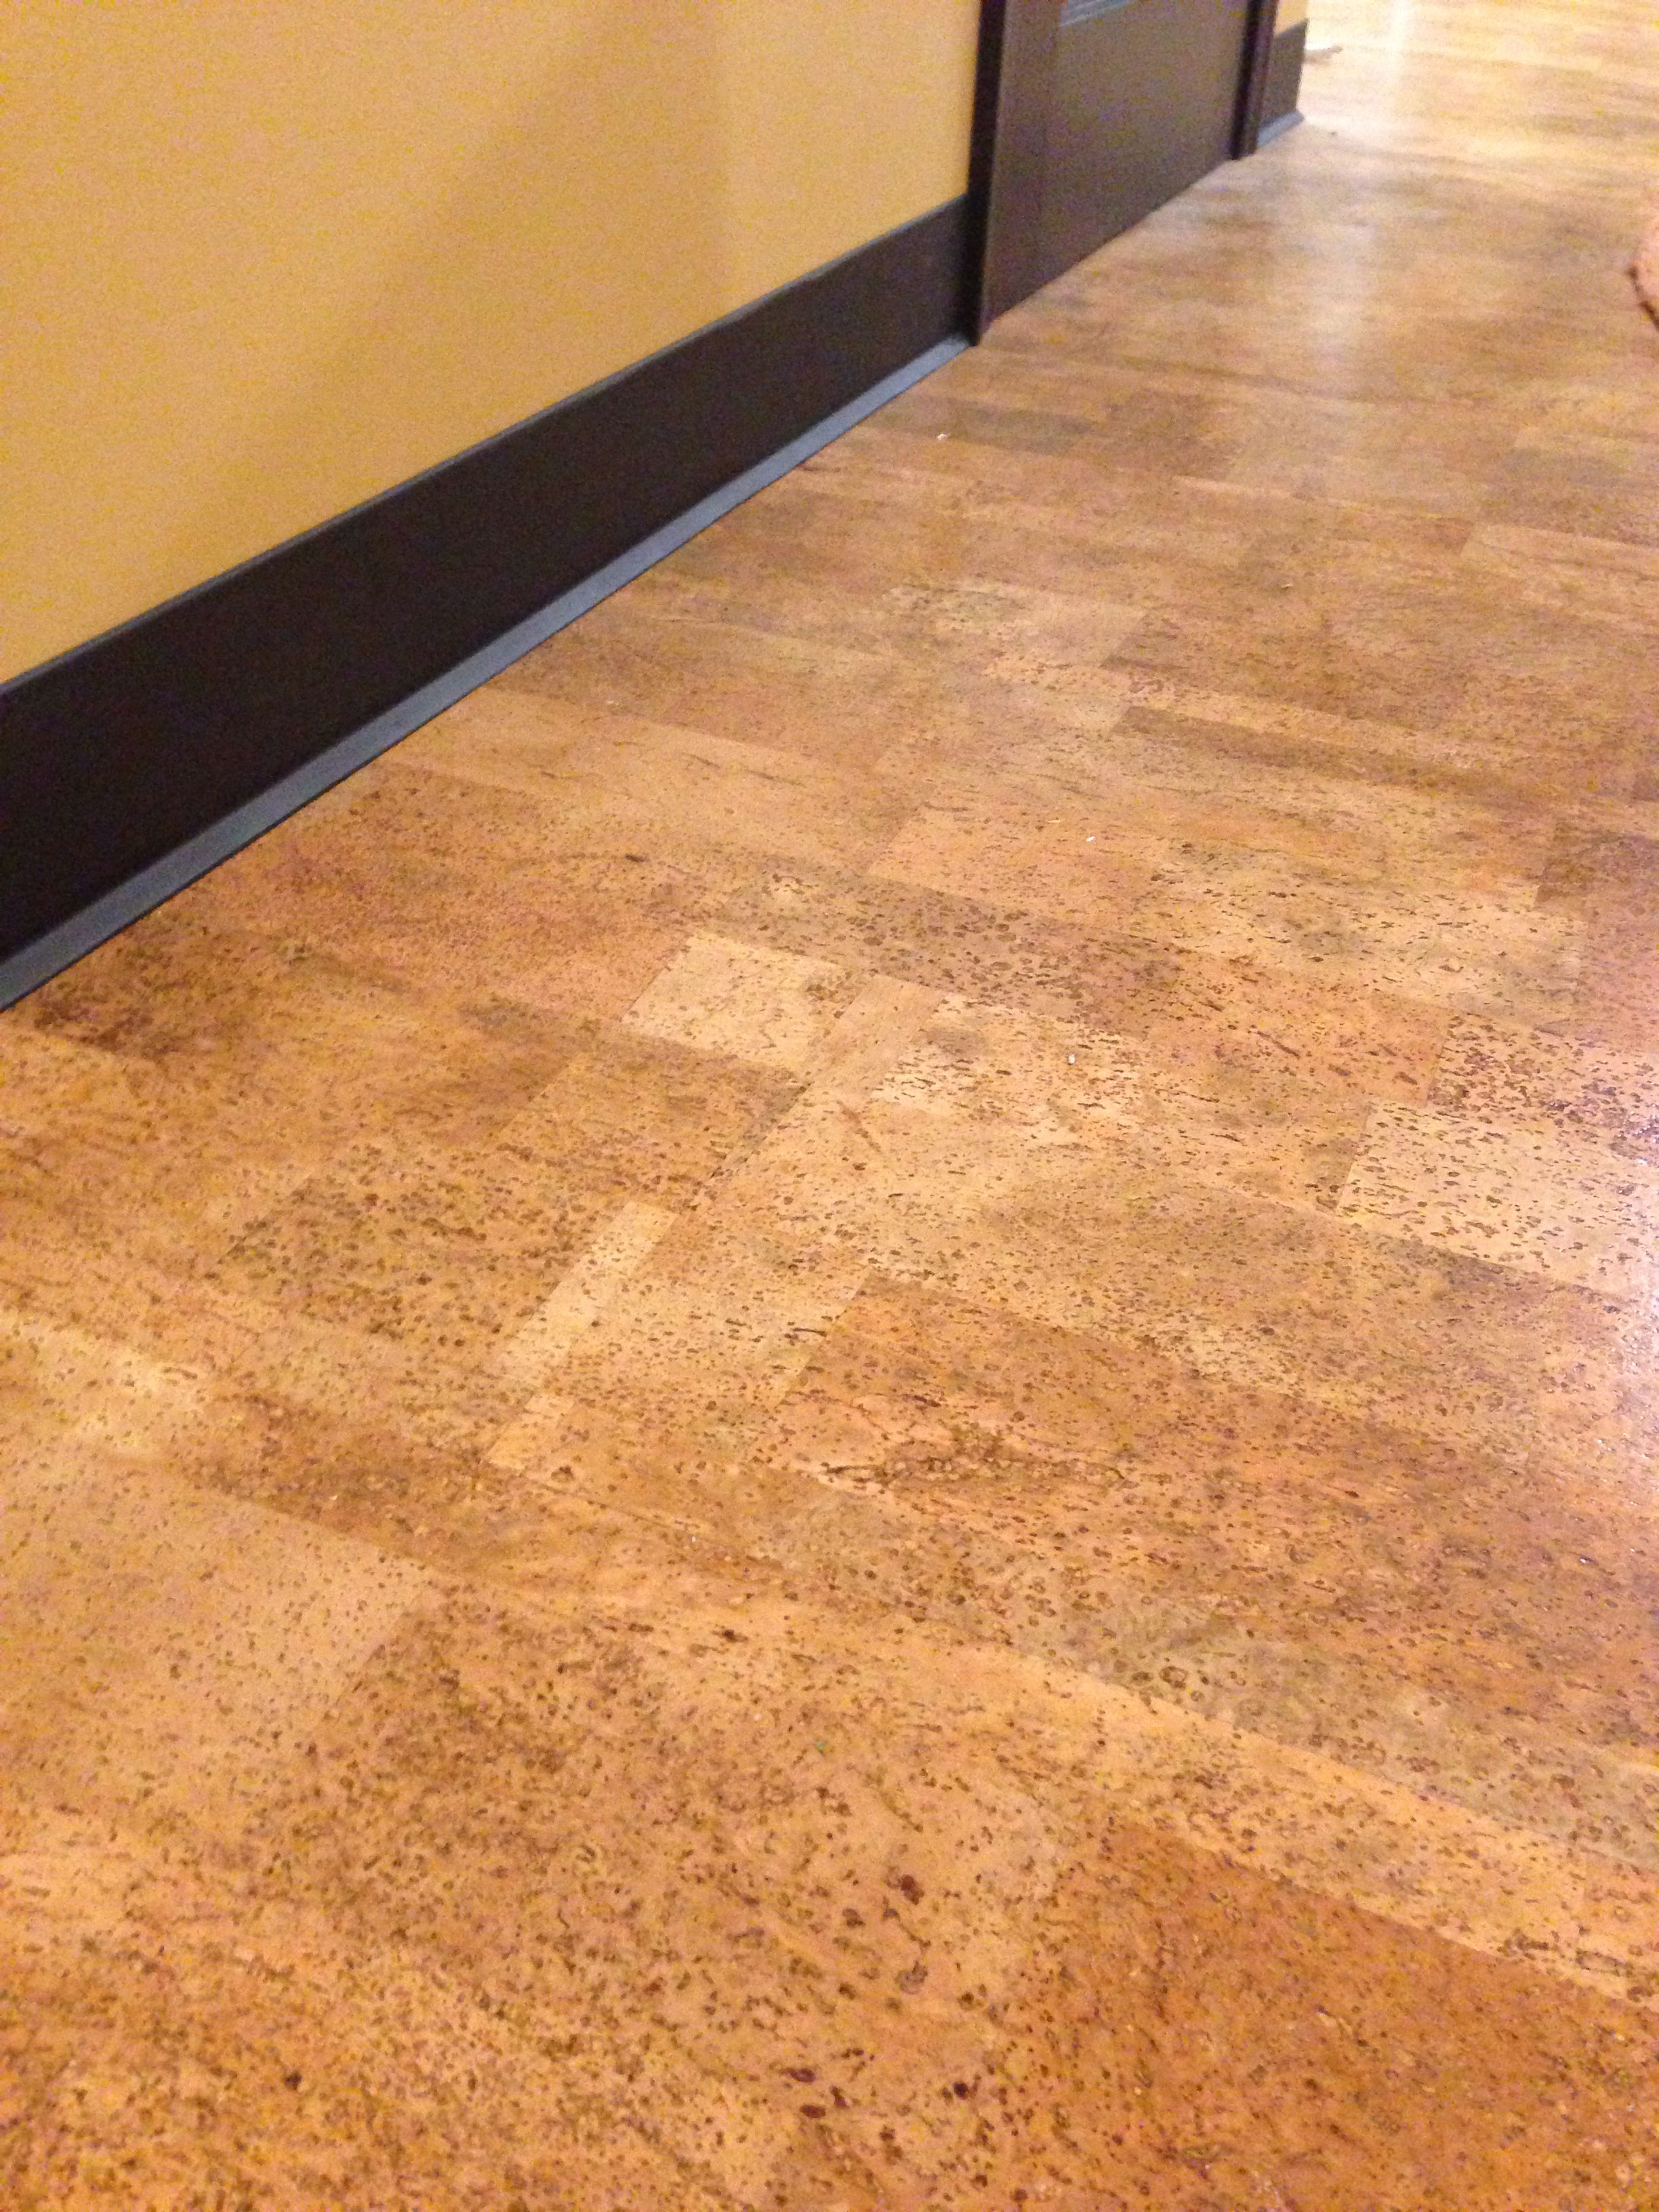 Cork flooring can be a very green option kurk lekker zacht aan de